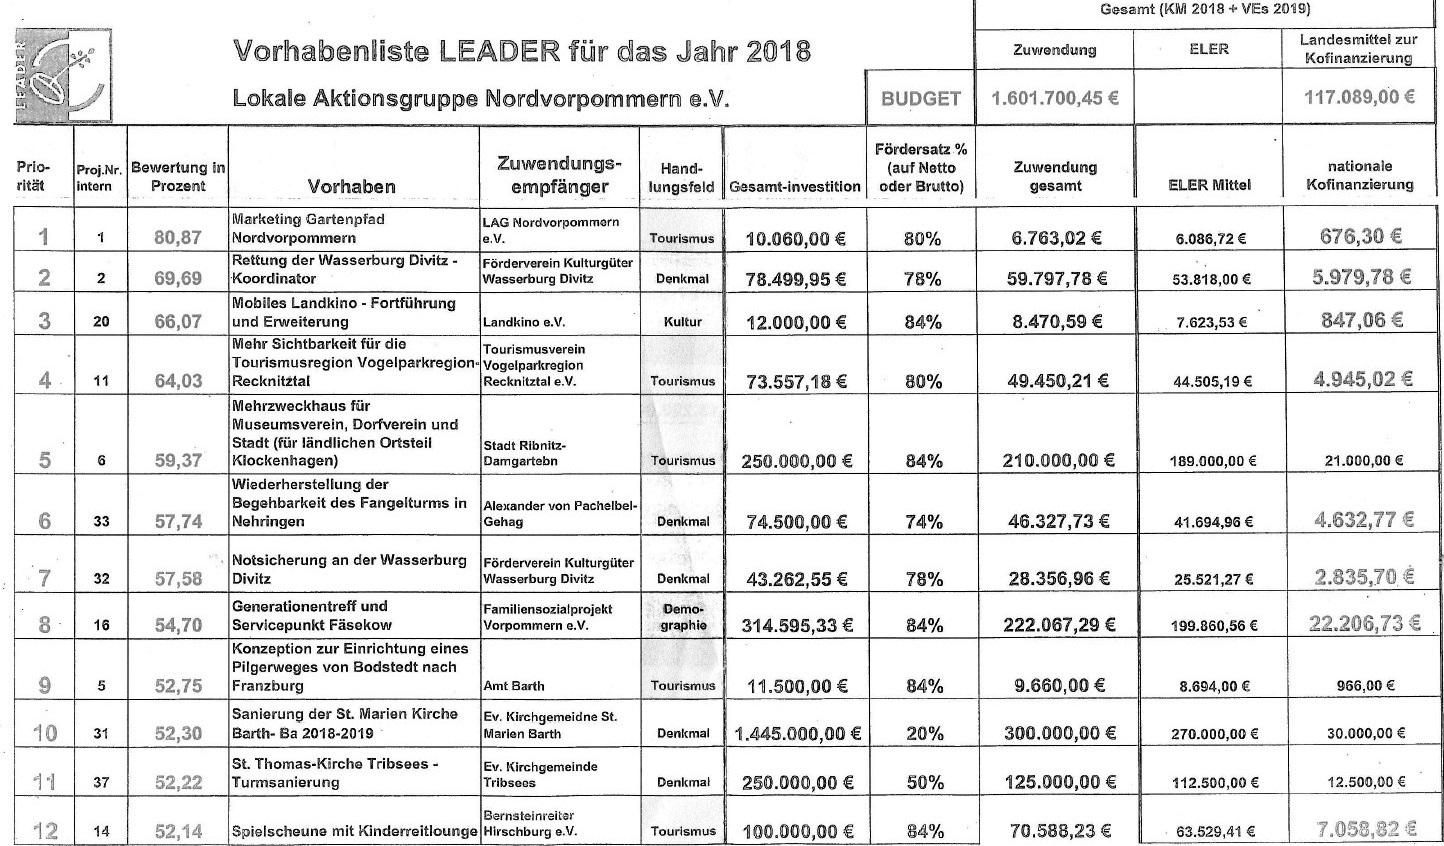 Vorhabenliste LEADER für das Jahr 2018 - Lokale Aktionsgruppe Nordvorpommern e. V. - Blatt 1